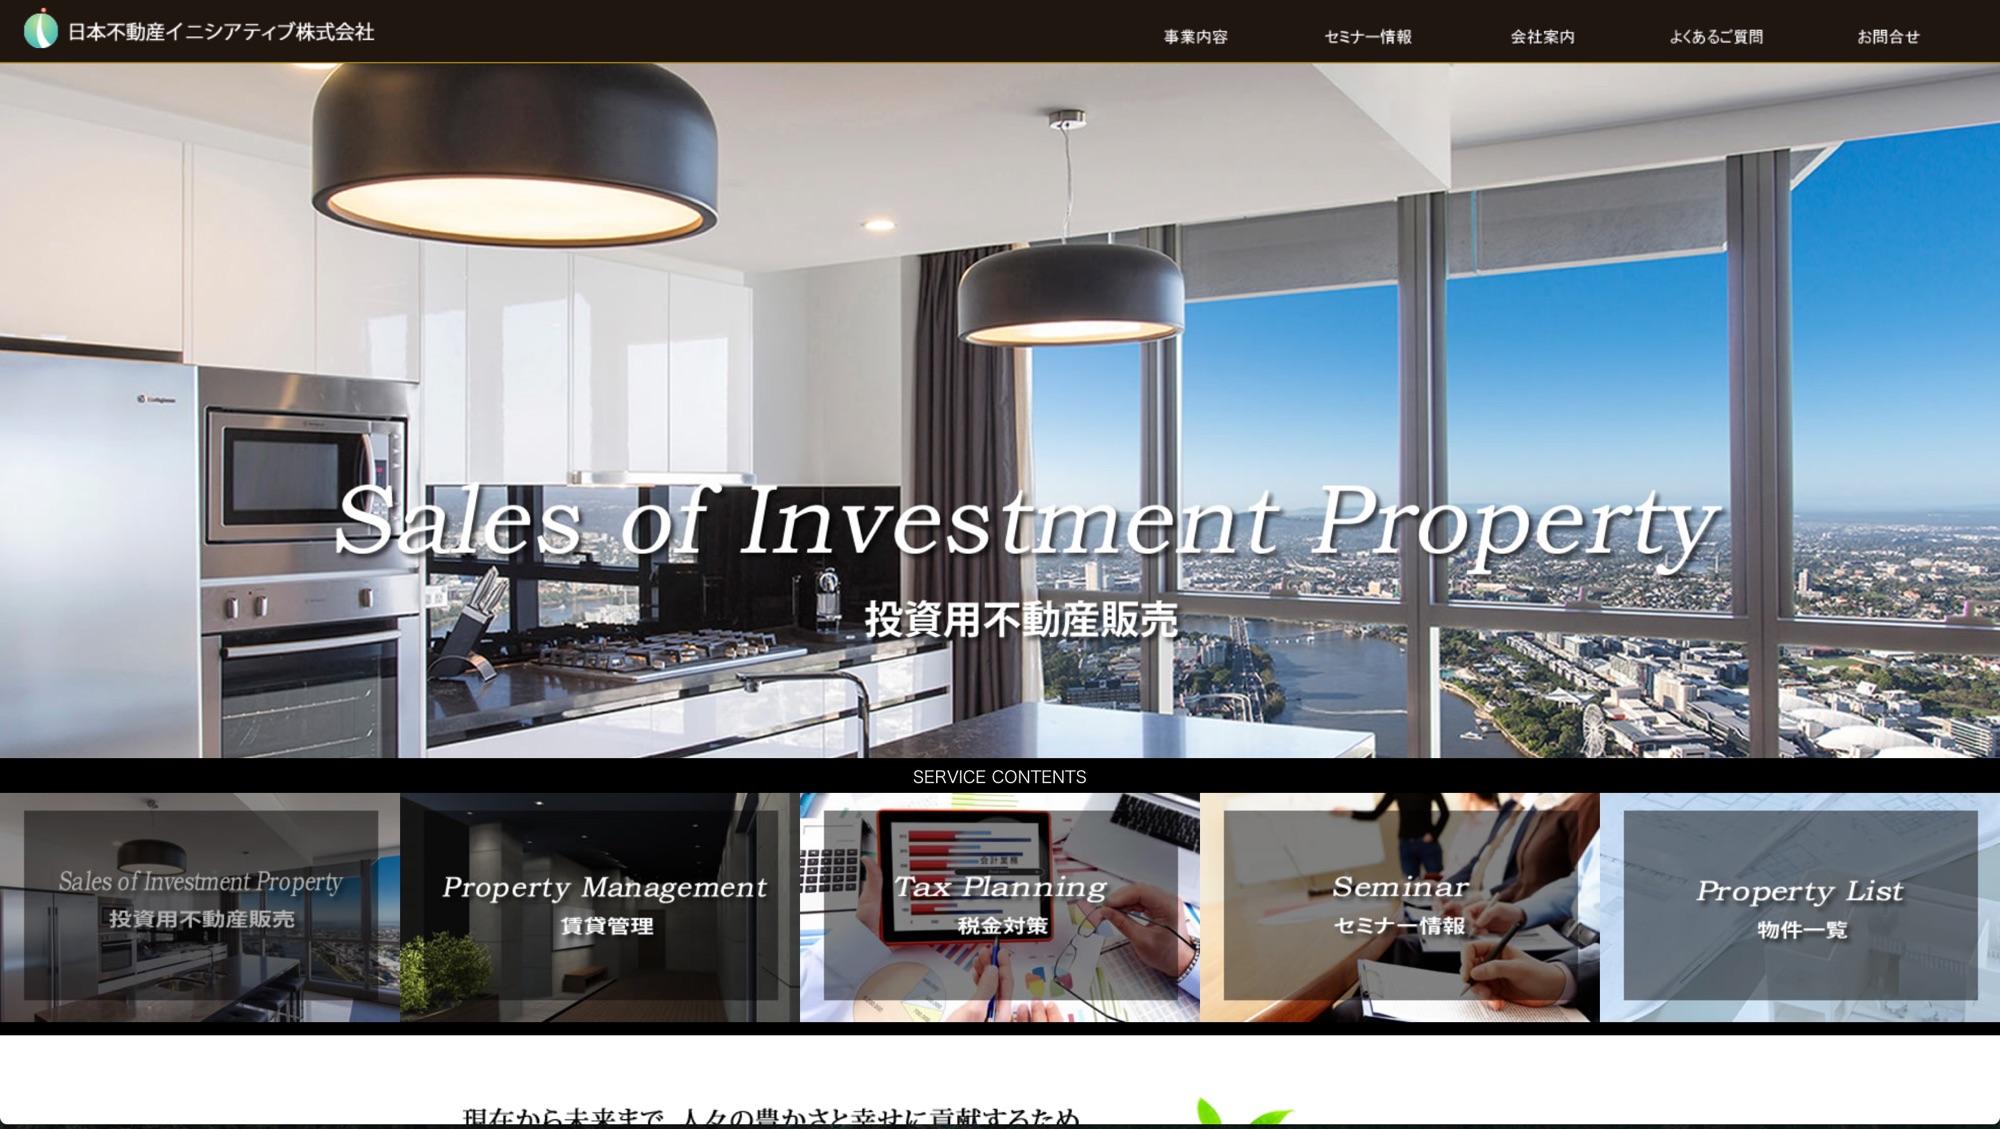 ブリッジ・シー・エステートの不動産投資